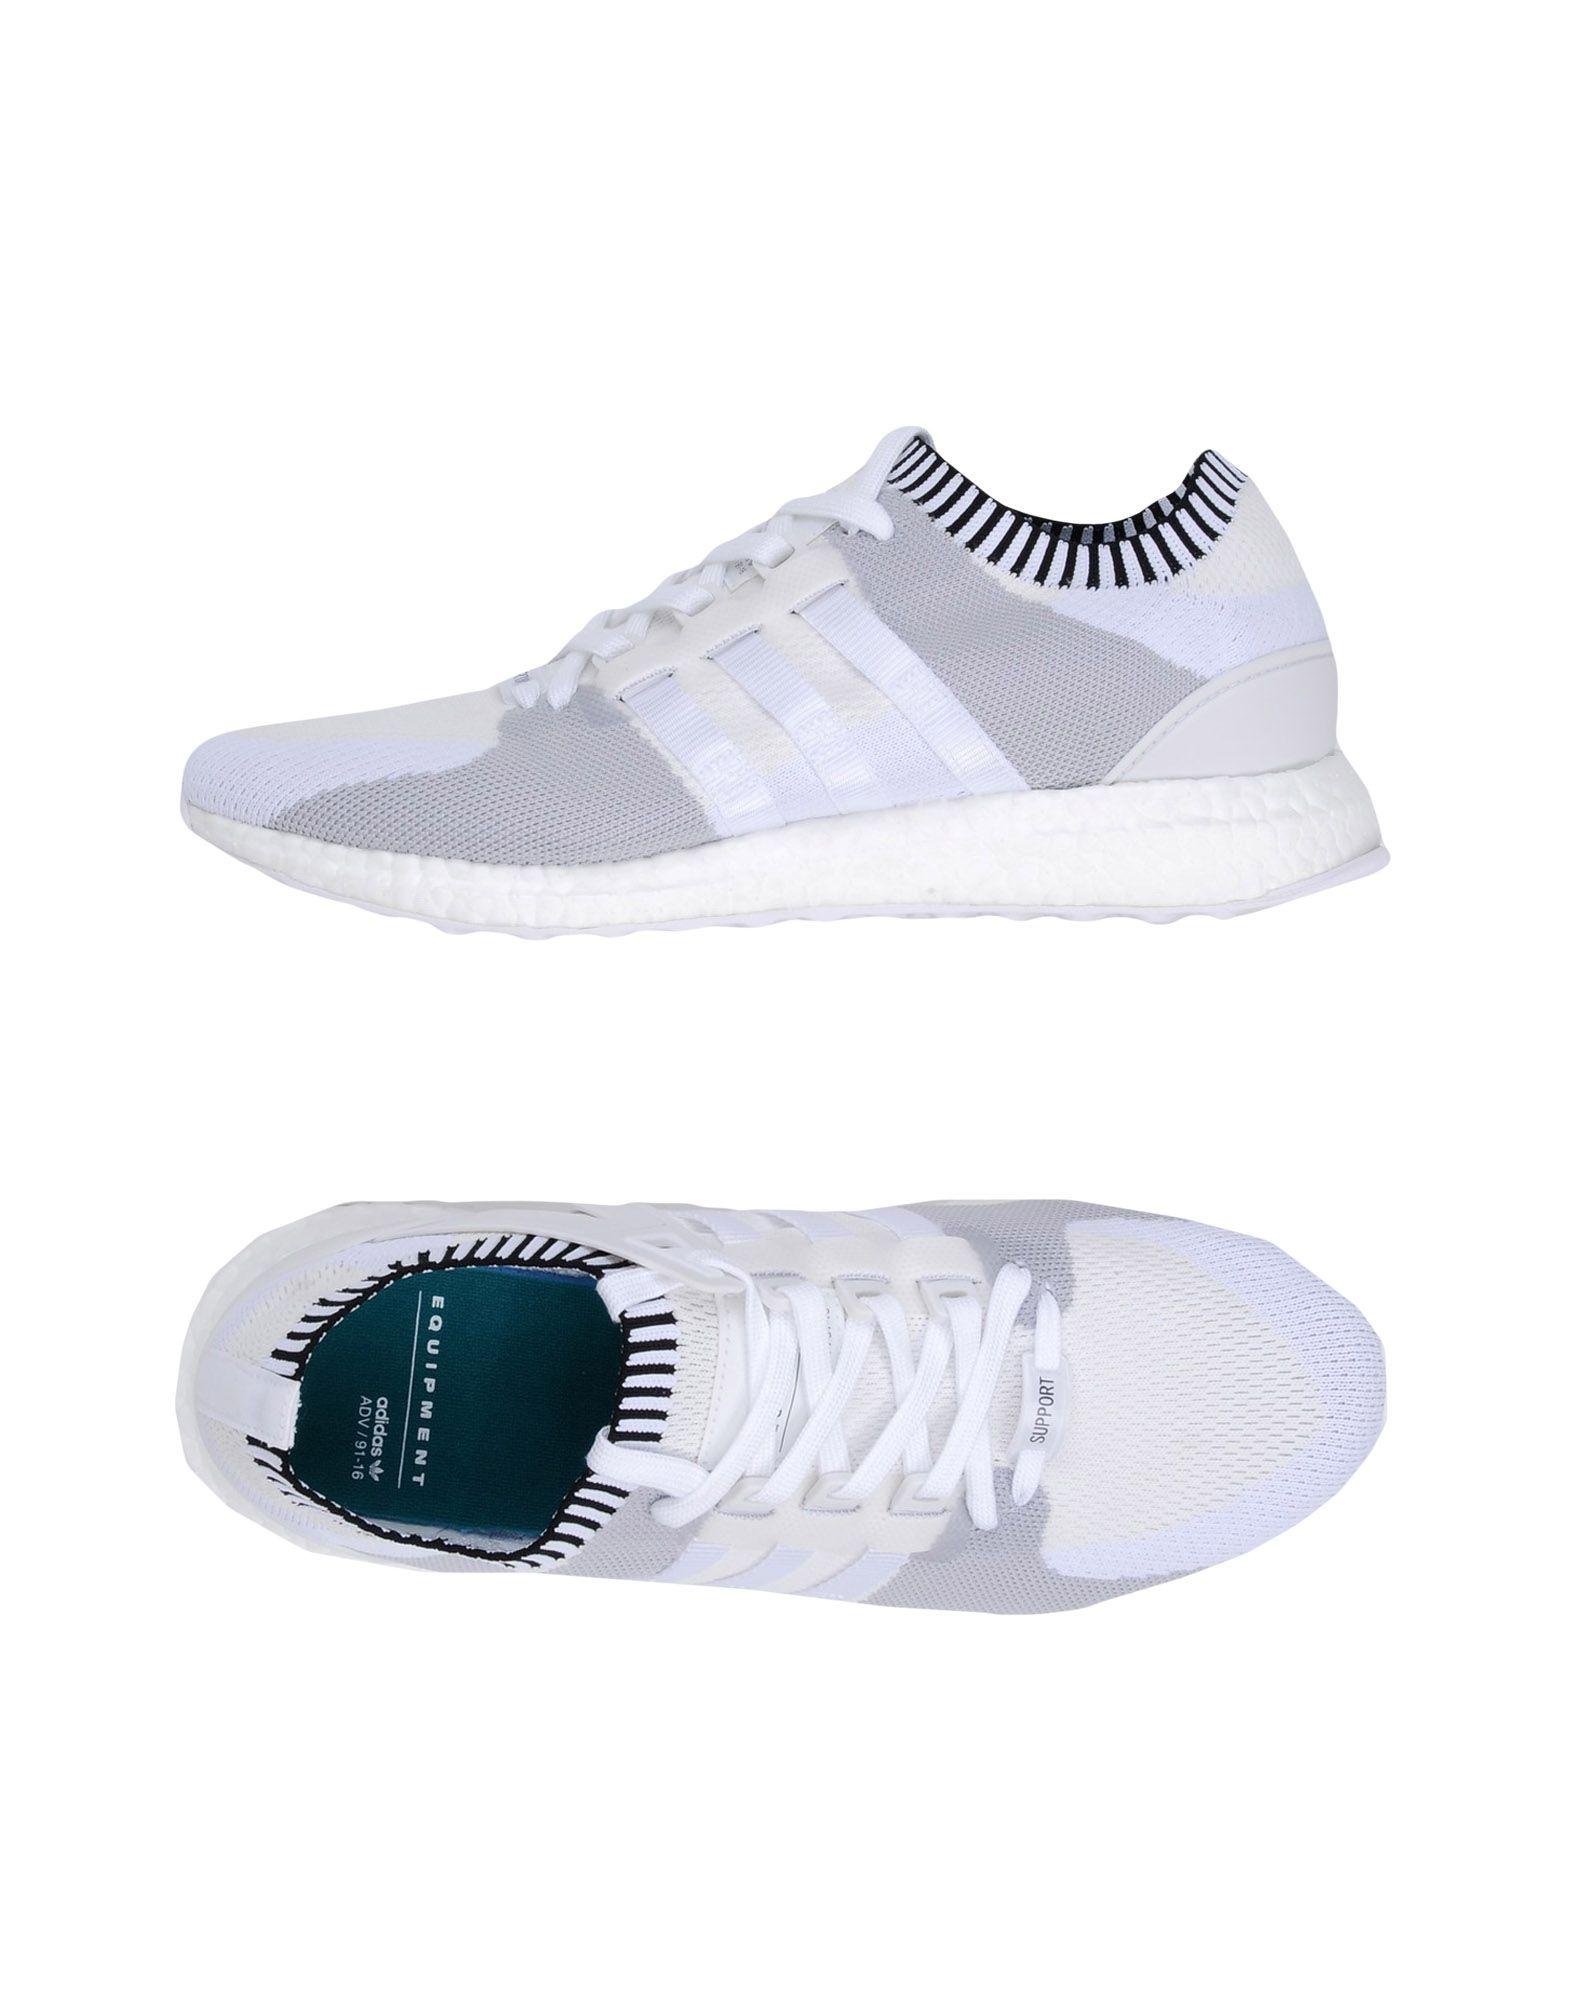 Baskets Adidas Originals Eqt Support Ultra P - Homme - Baskets Adidas Originals  Blanc Remise de marque